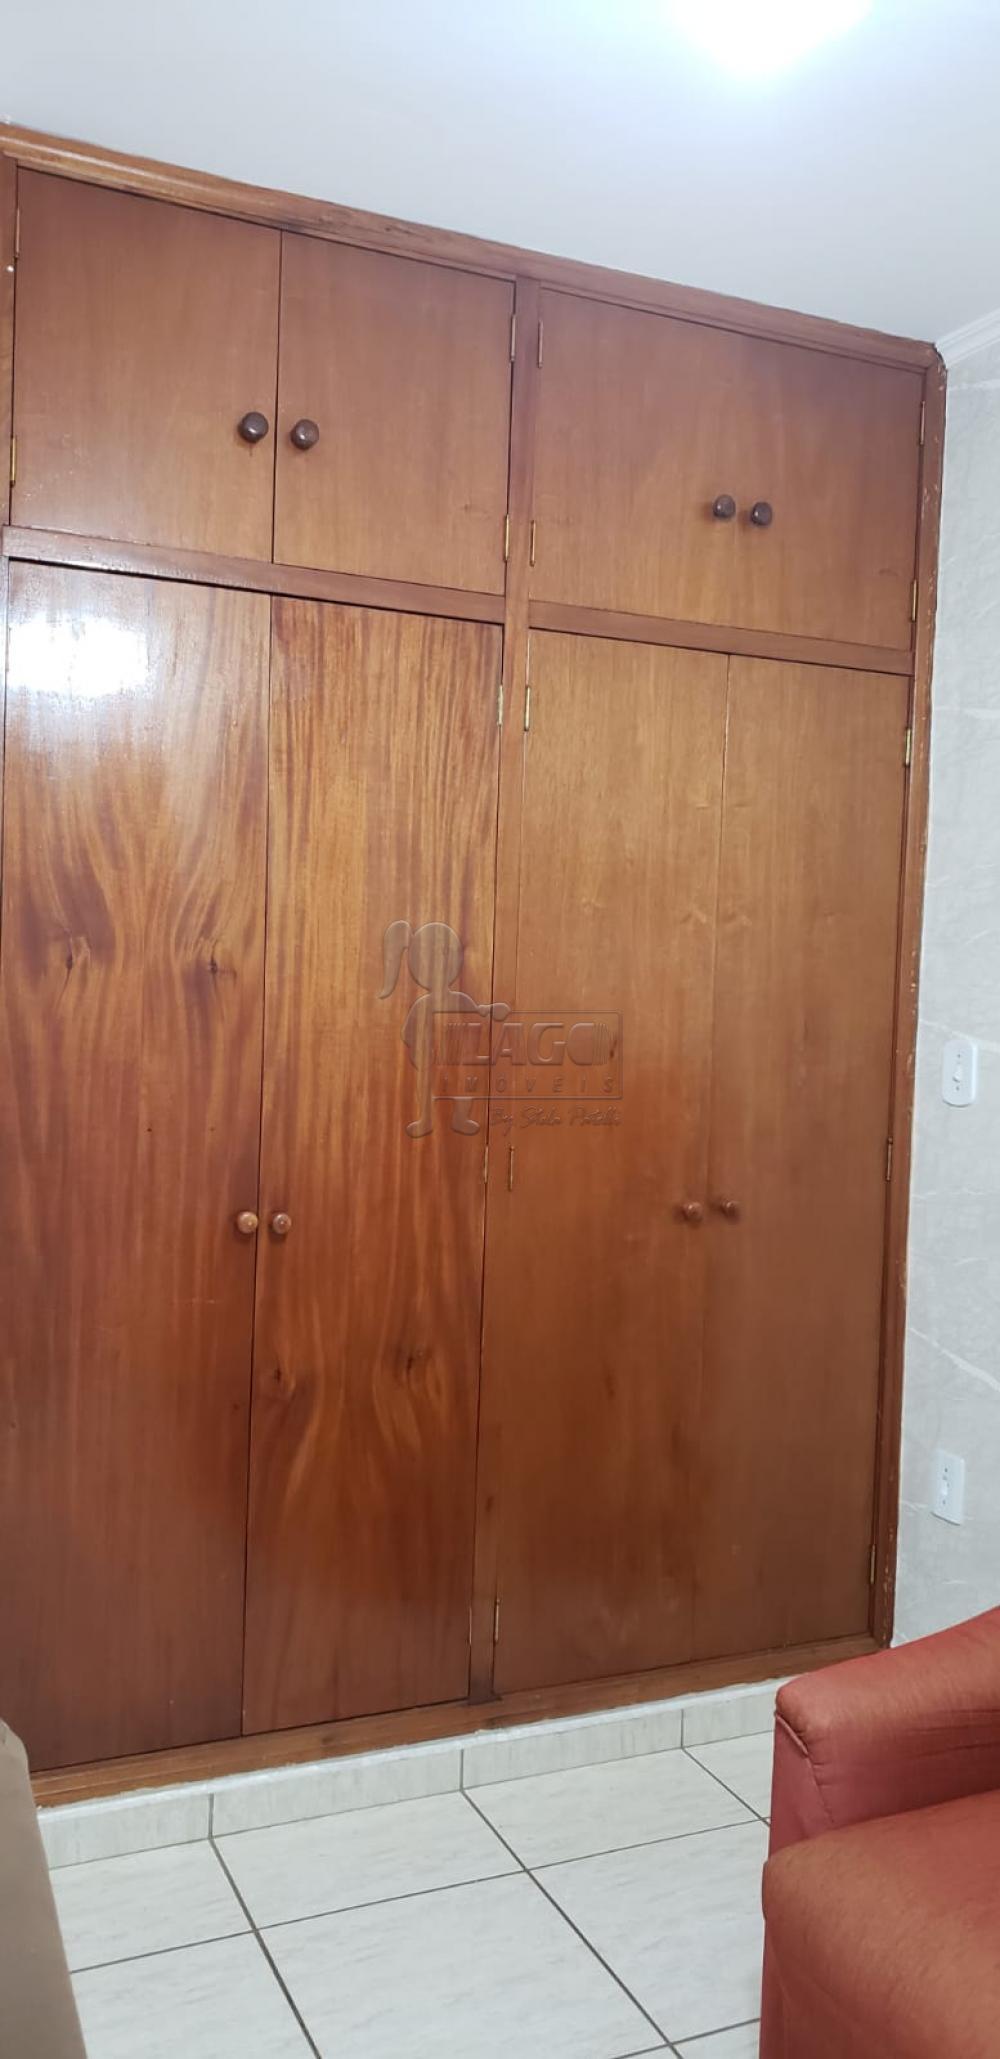 Comprar Apartamento / Padrão em Ribeirão Preto R$ 360.000,00 - Foto 12